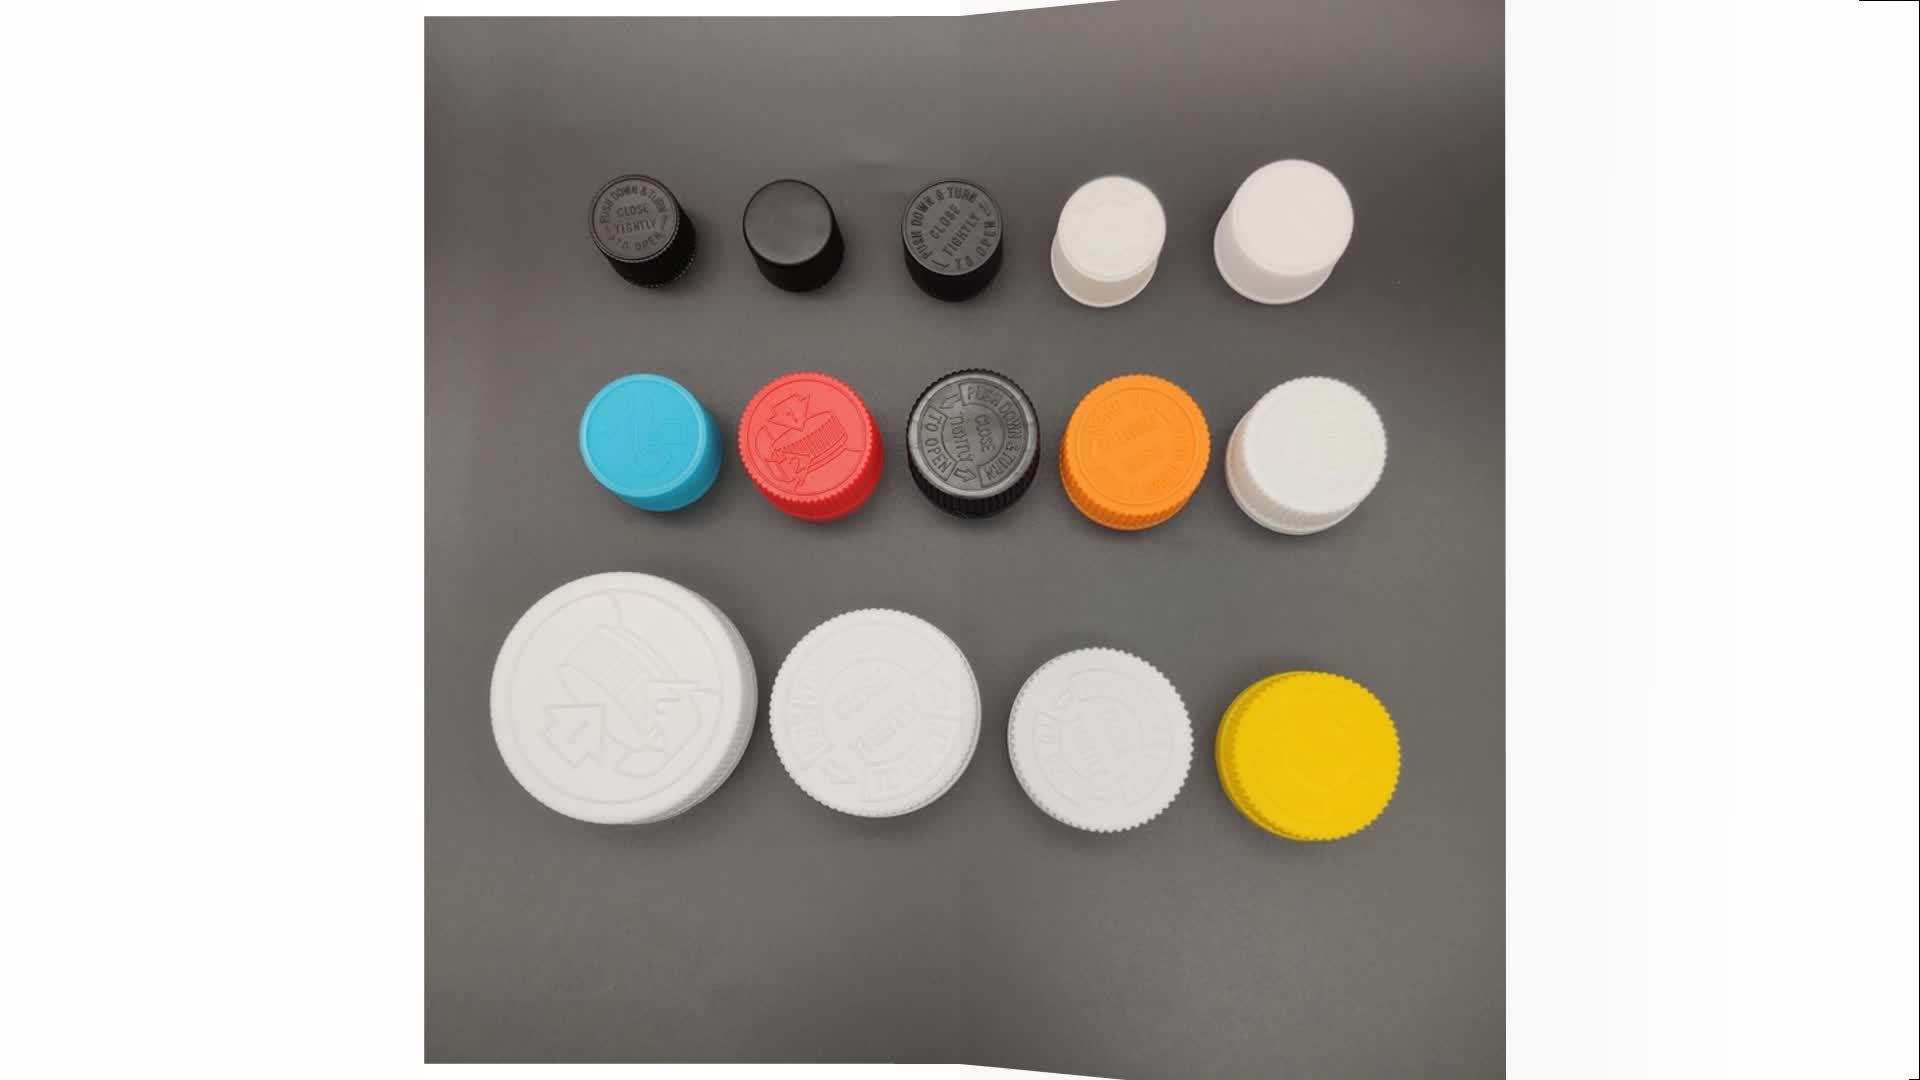 43mm plastic Child Resistant Cap CRC white screw cap